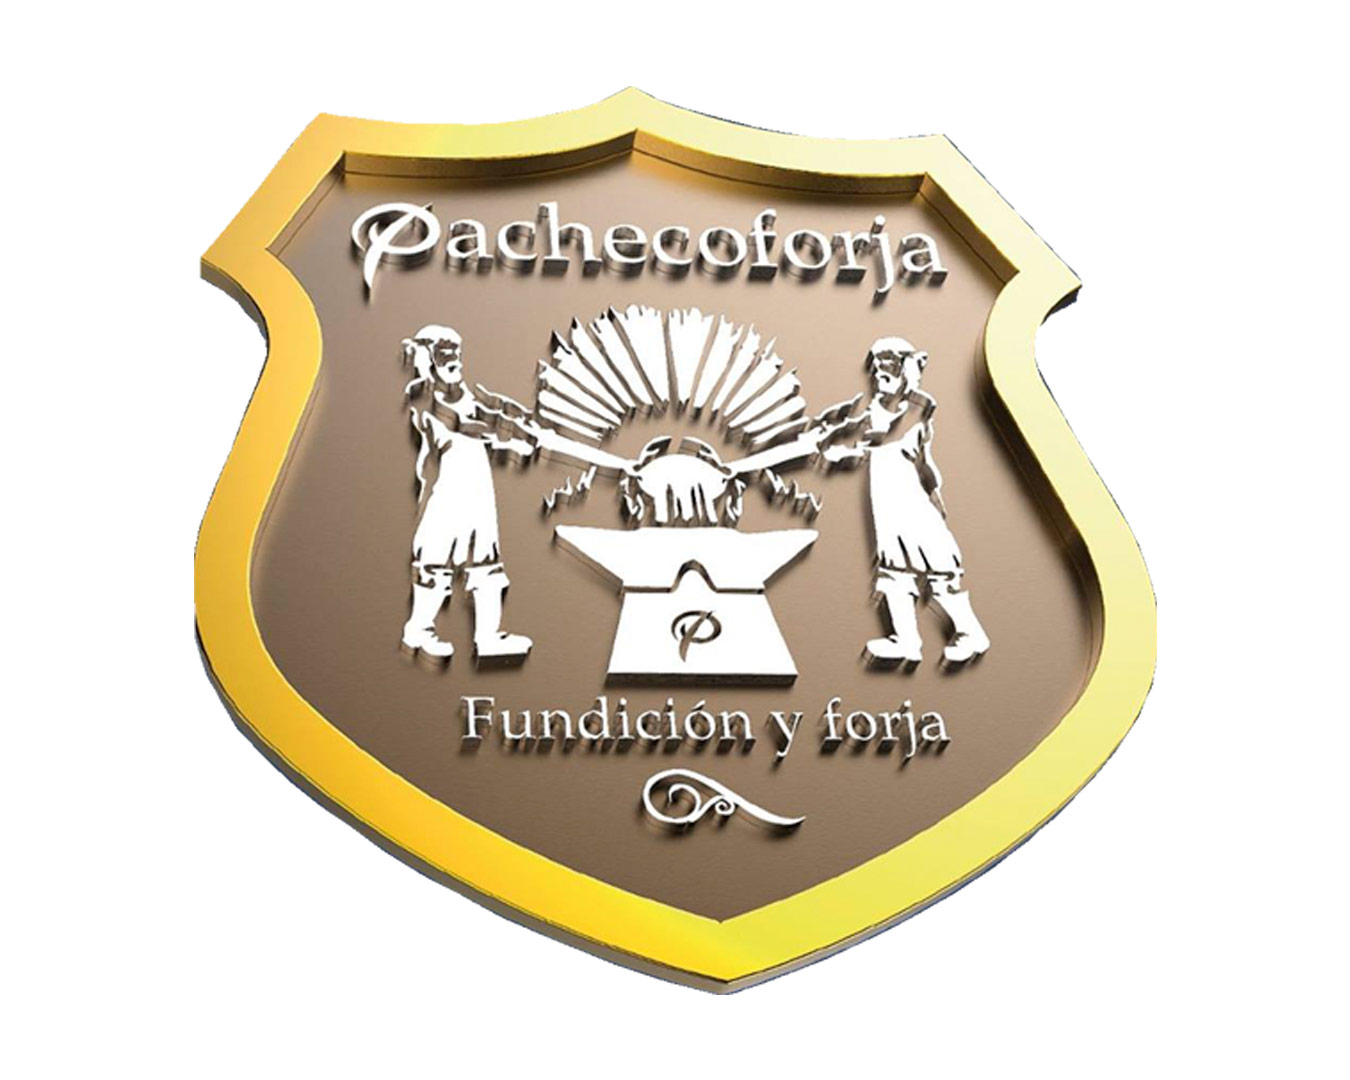 Fundición y Forja Pacheco